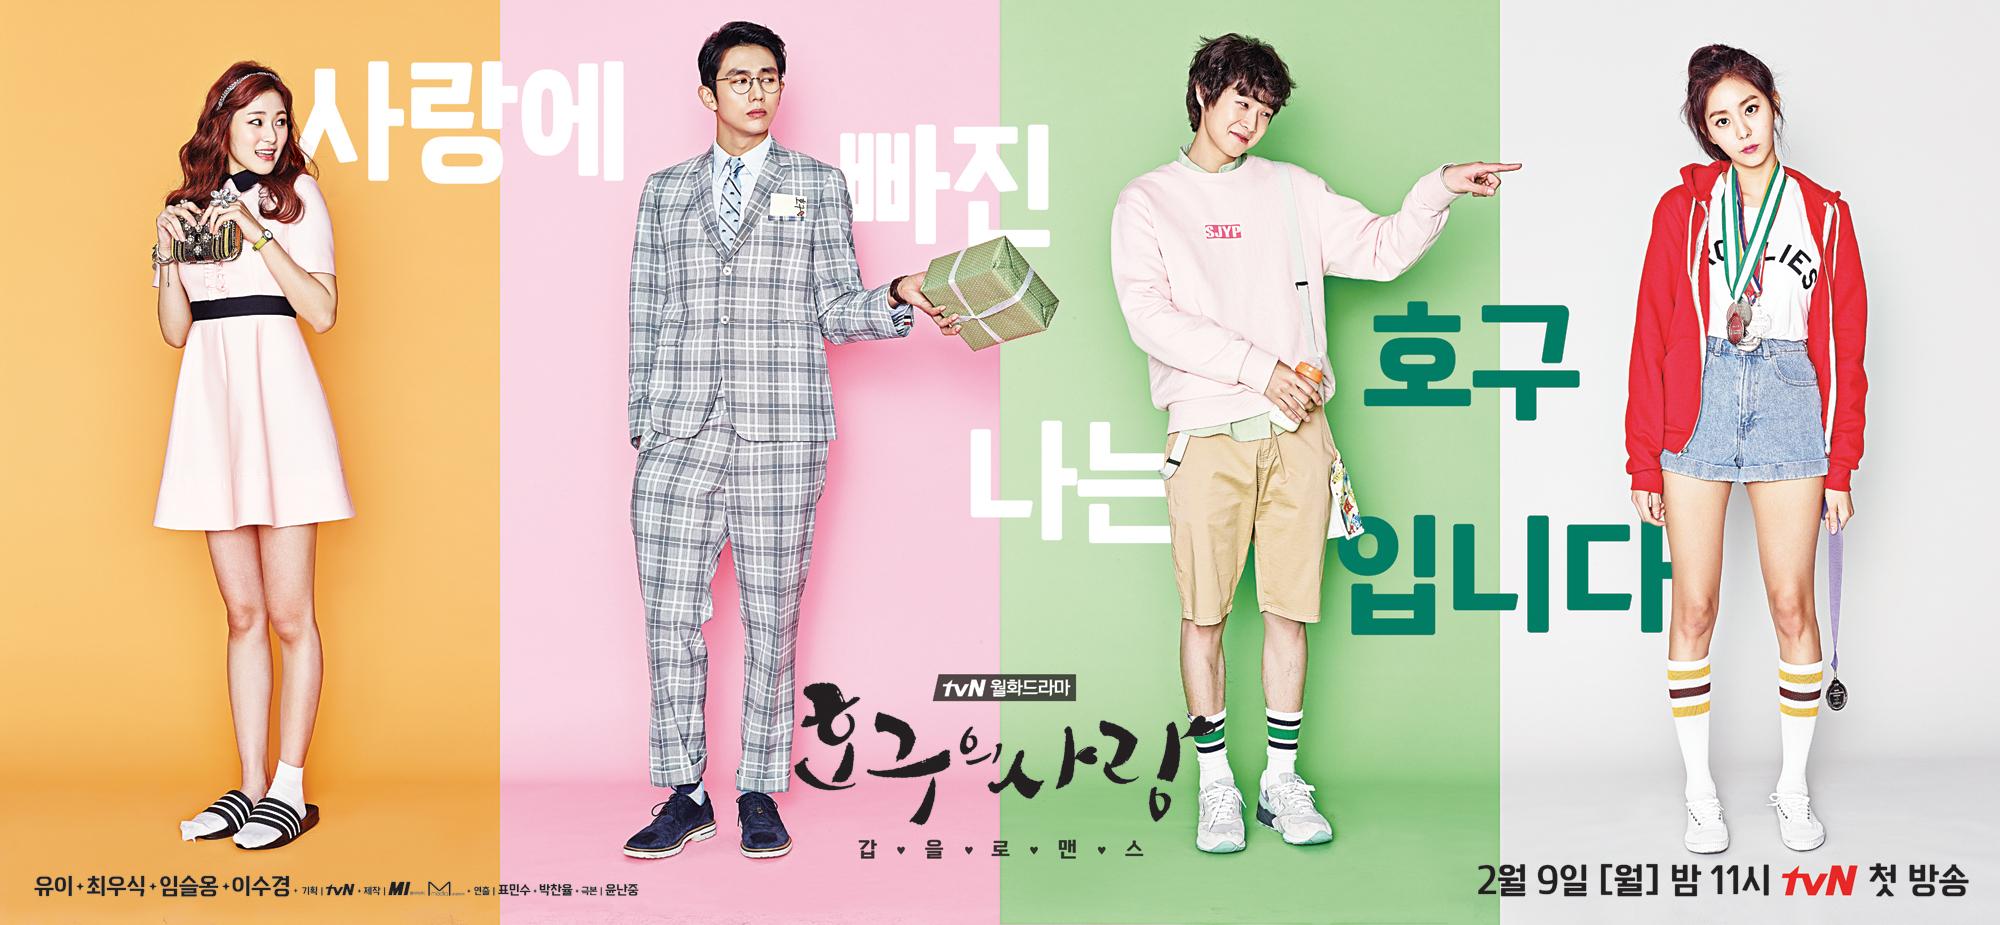 4인_캐릭터포스터_tvN호구의사랑_545X788.jpg